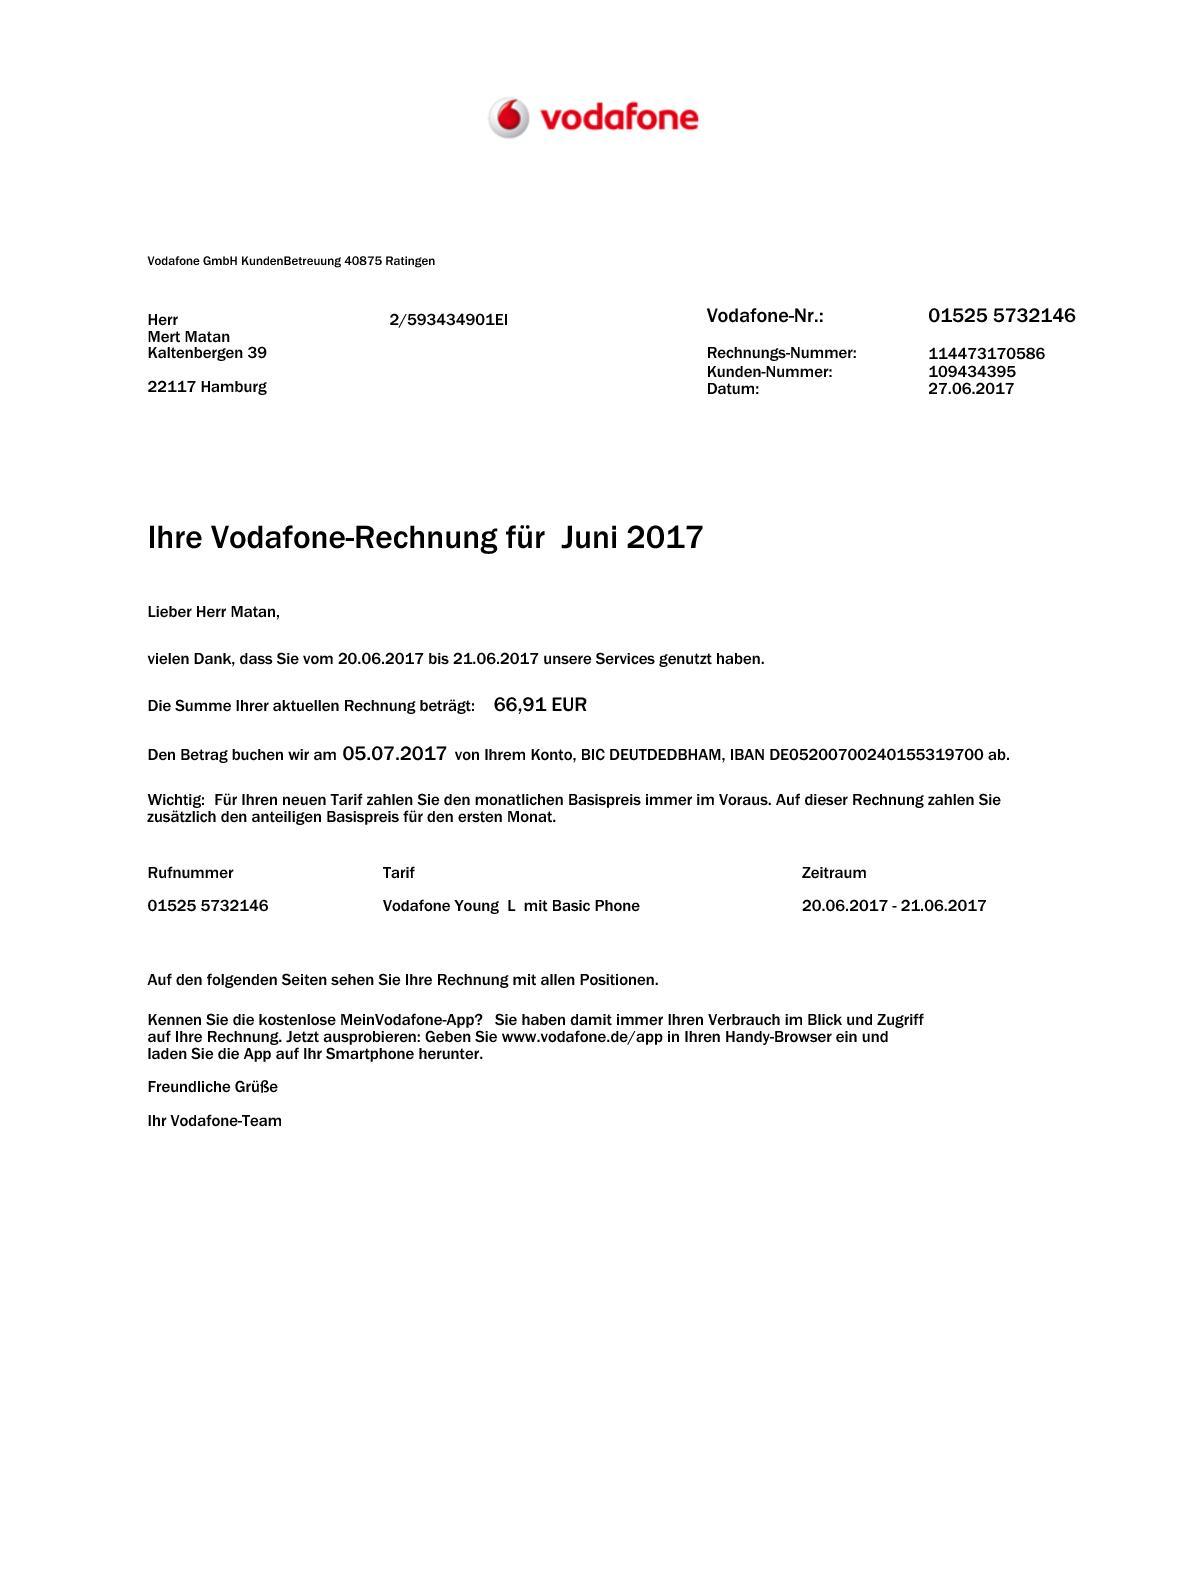 Bahncard Rechnung Per Email